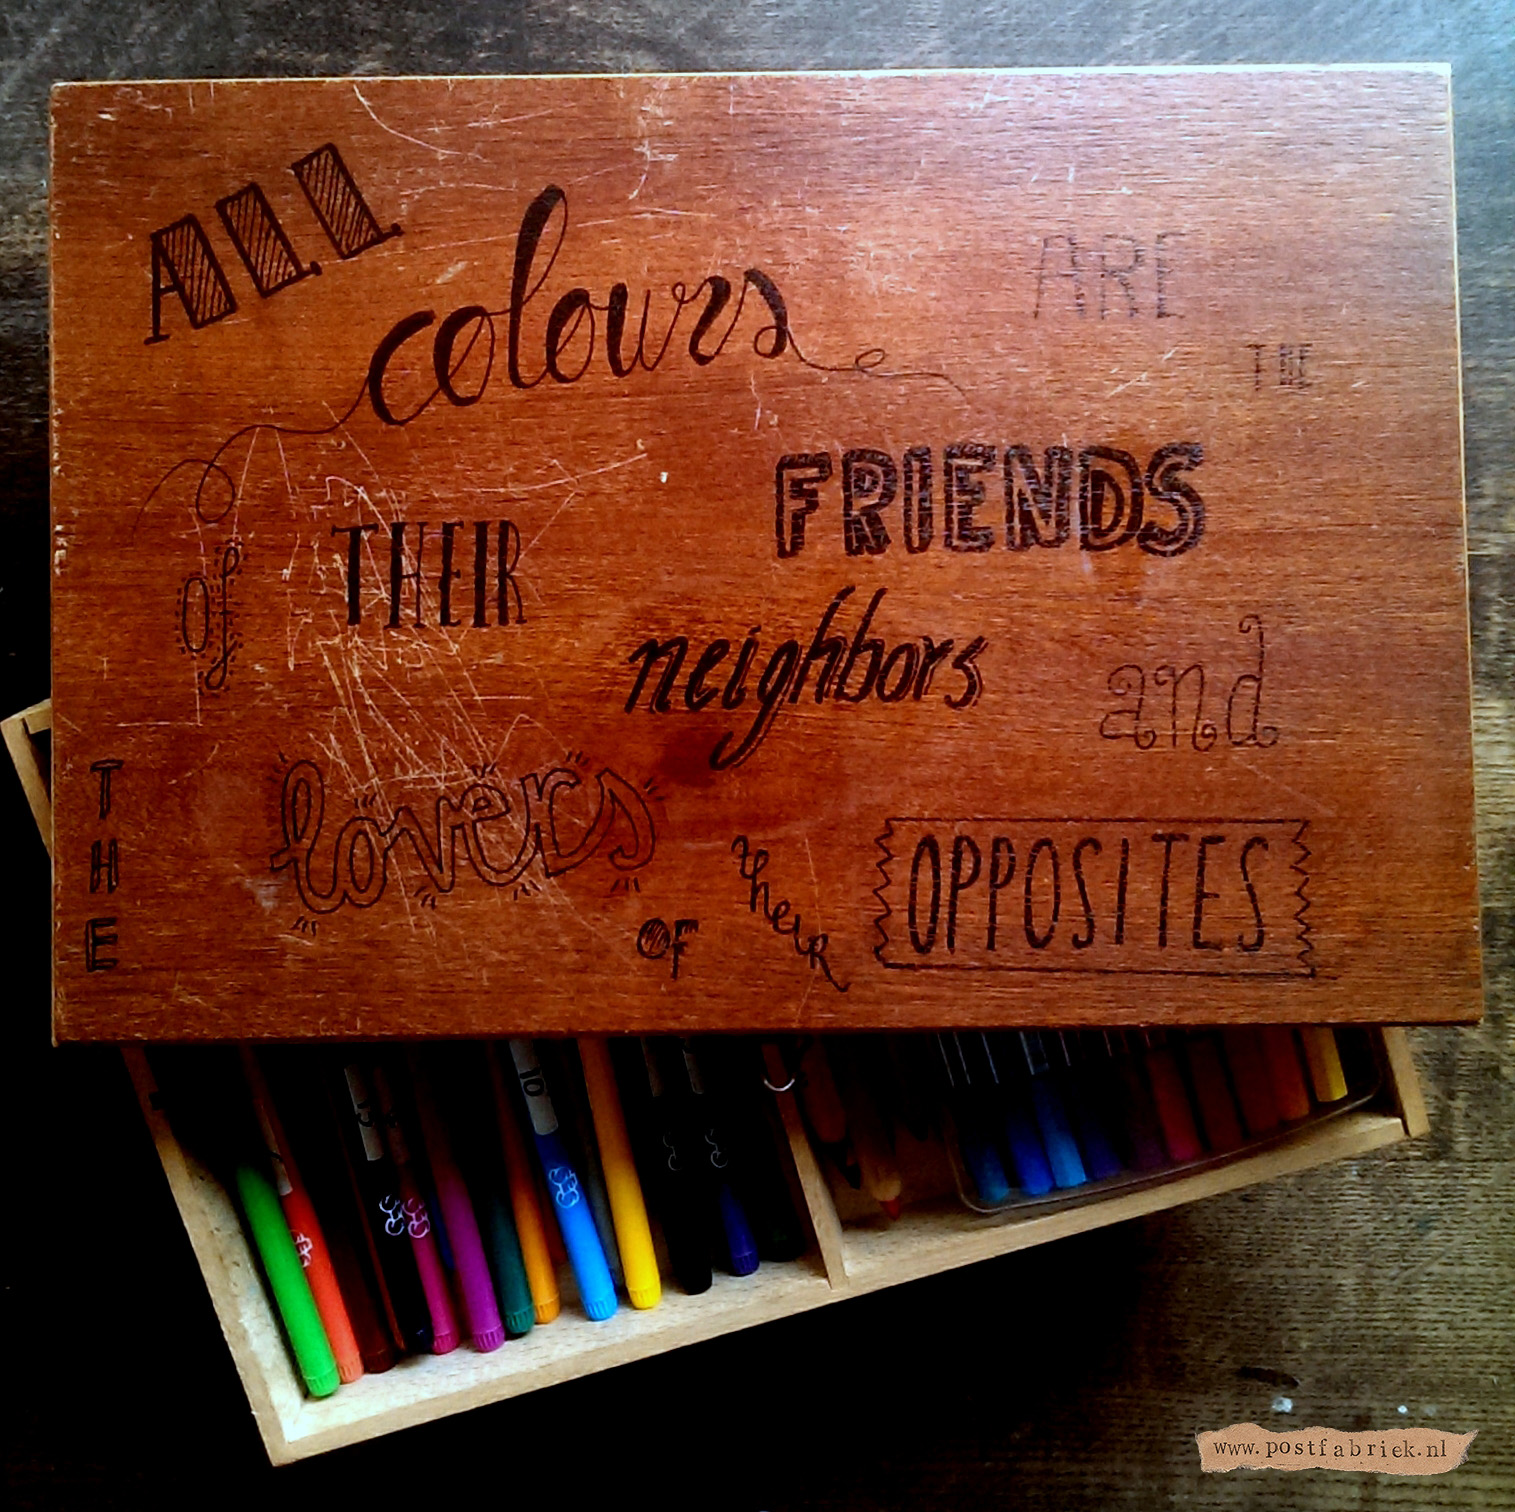 Als je eenmaal het hand lettering virus hebt, wil je alles beschrijven! Zo kreeg ook mijn oude tekenkistje (met mijn stiften voor mijn kleurboeken) een mooie quote!